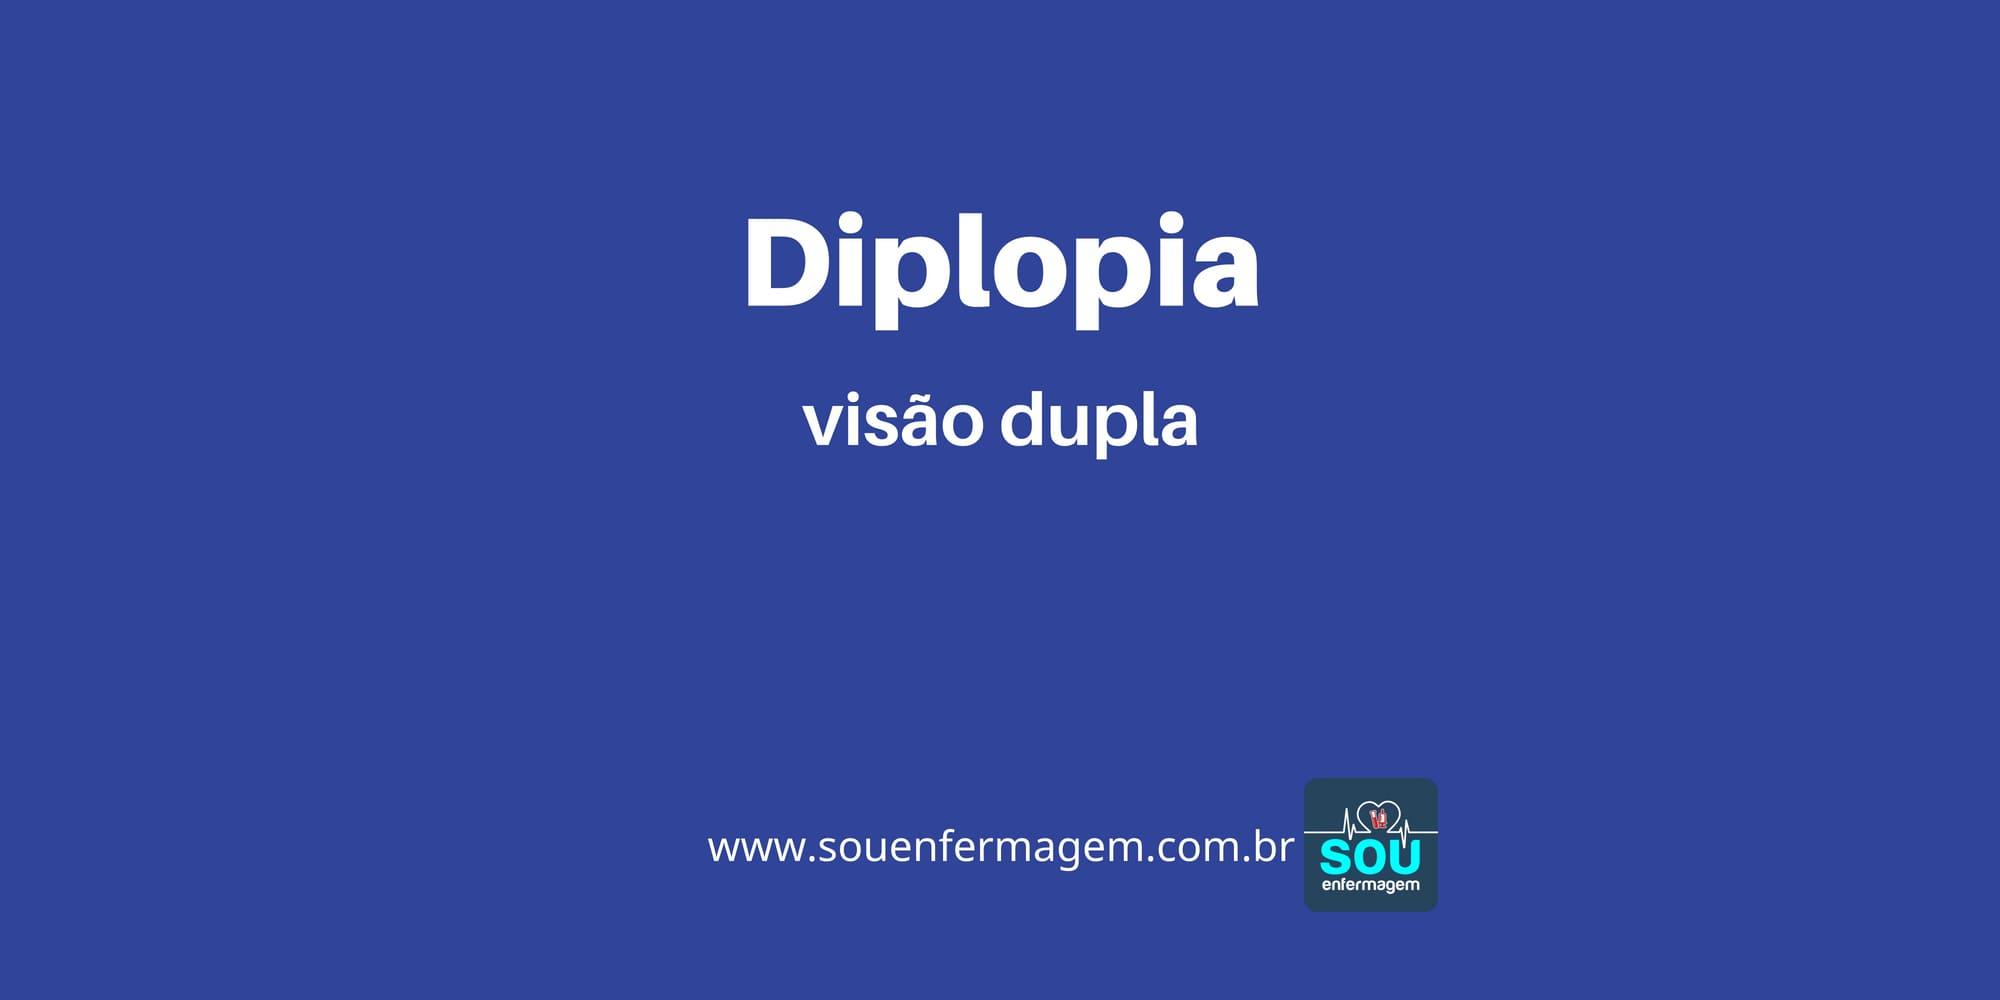 Diplopia